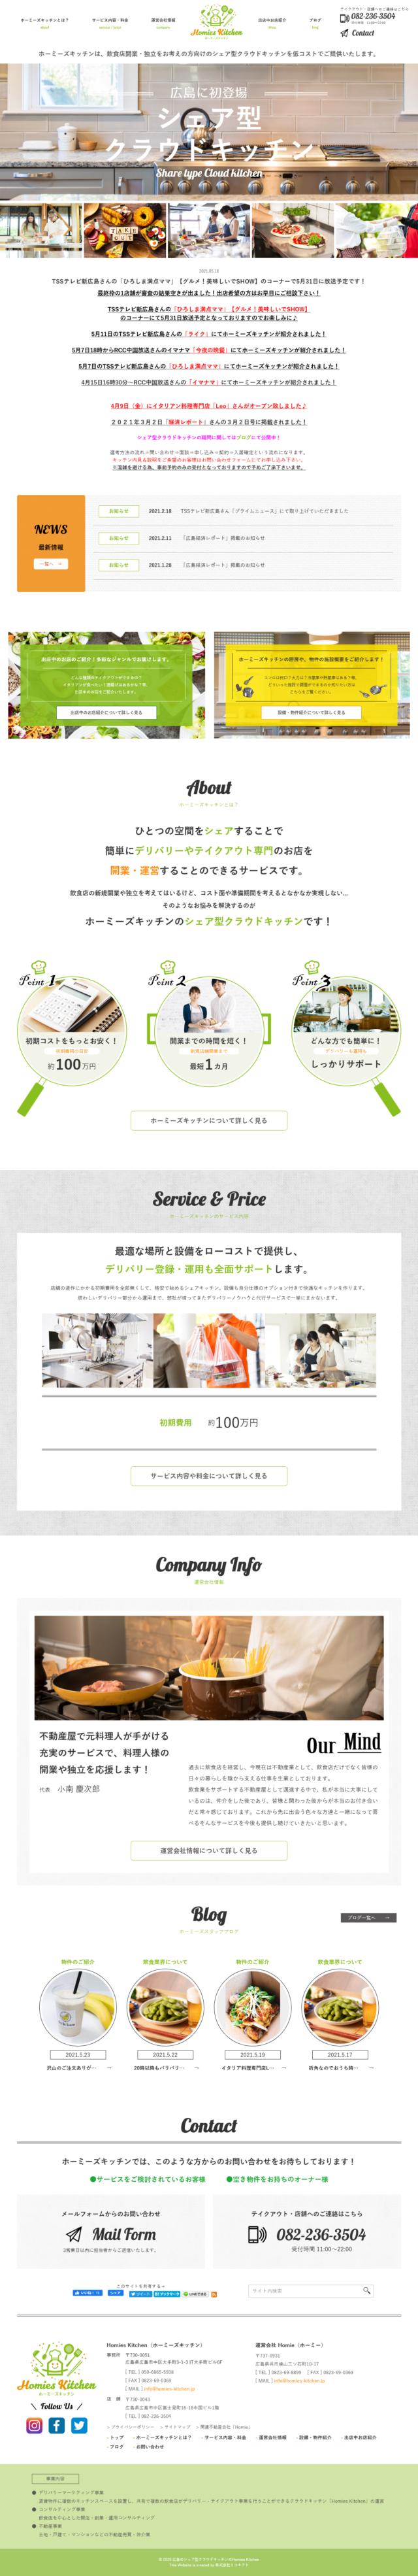 広島で飲食店開業・料理人独立を支援するシェア型クラウドキッチン Homies Kitchen(ホーミーズキッチン) 様